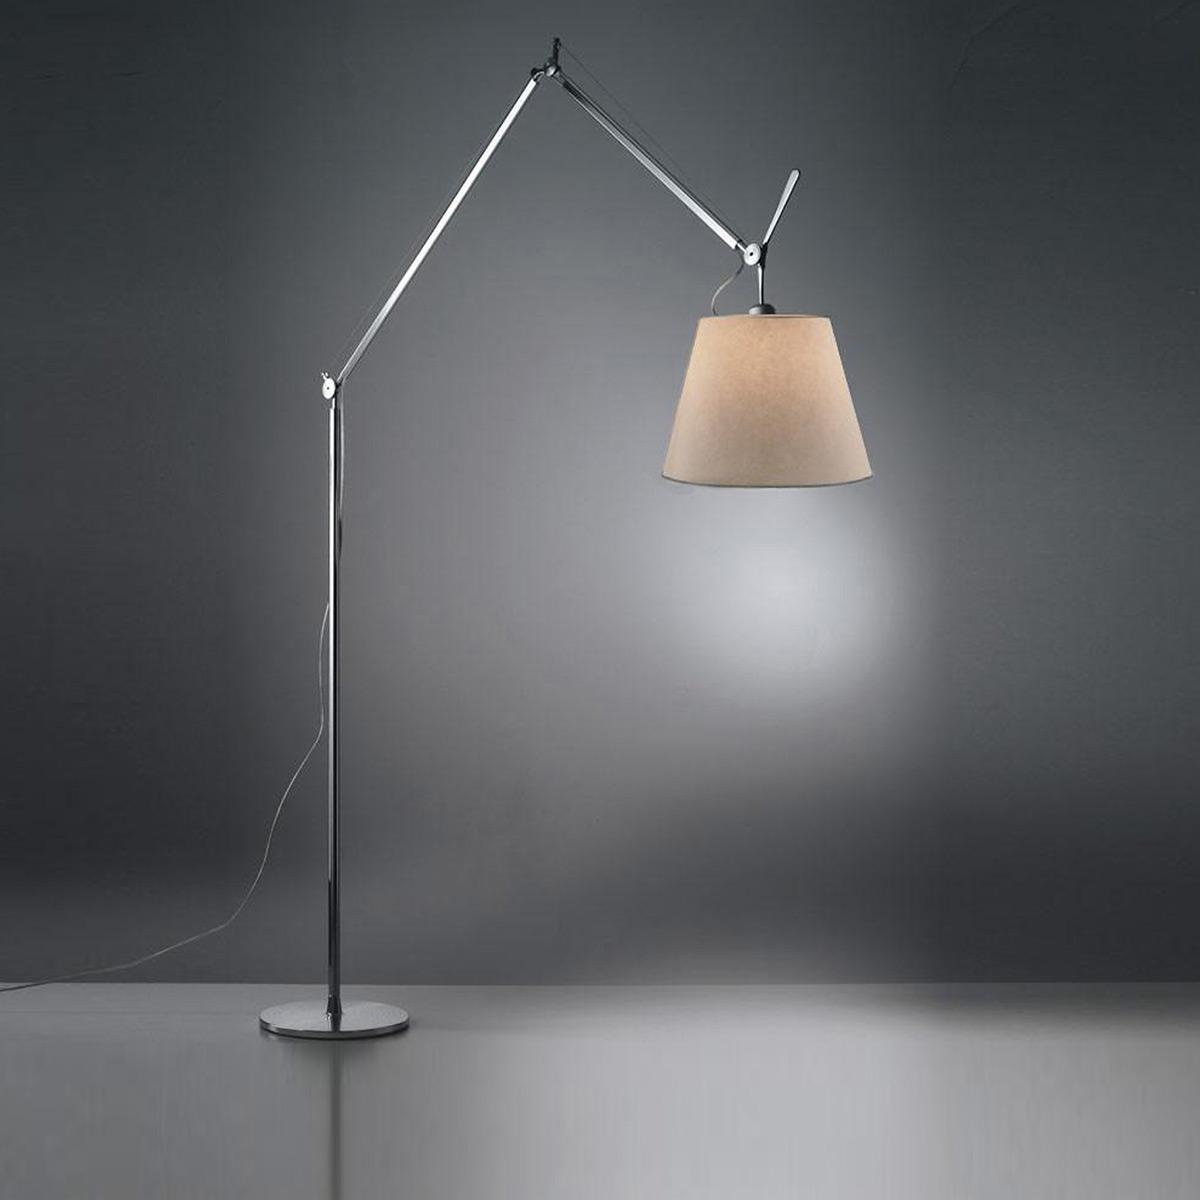 Artemide Tolomeo Klassische Italienische Designleuchte Online Kaufen Leuchtenland Com